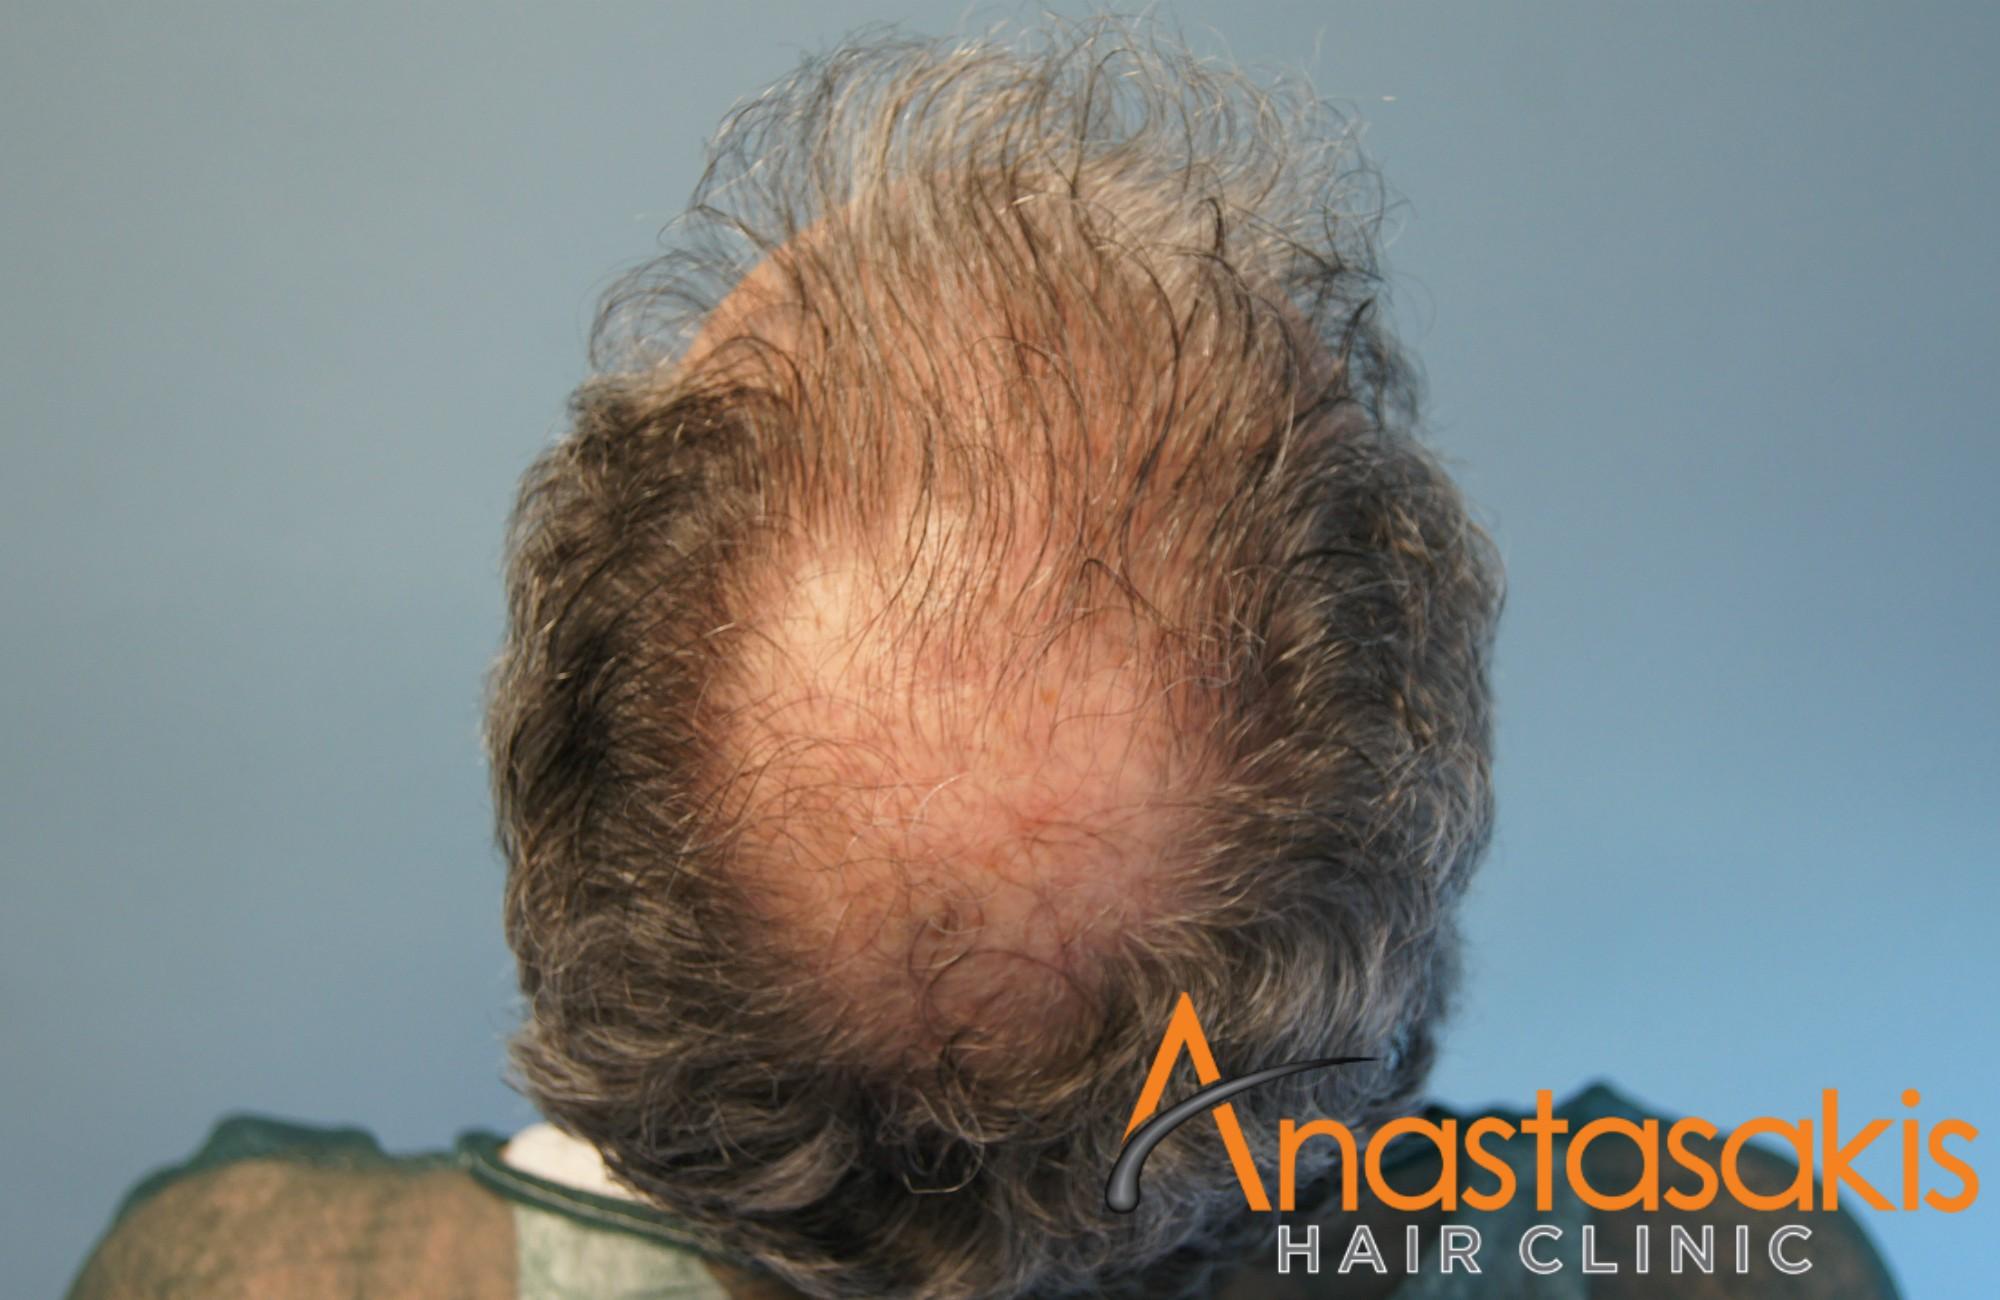 κορυφη ασθενους πριν τη μεταμοσχευση μαλλιων με 2500 fus